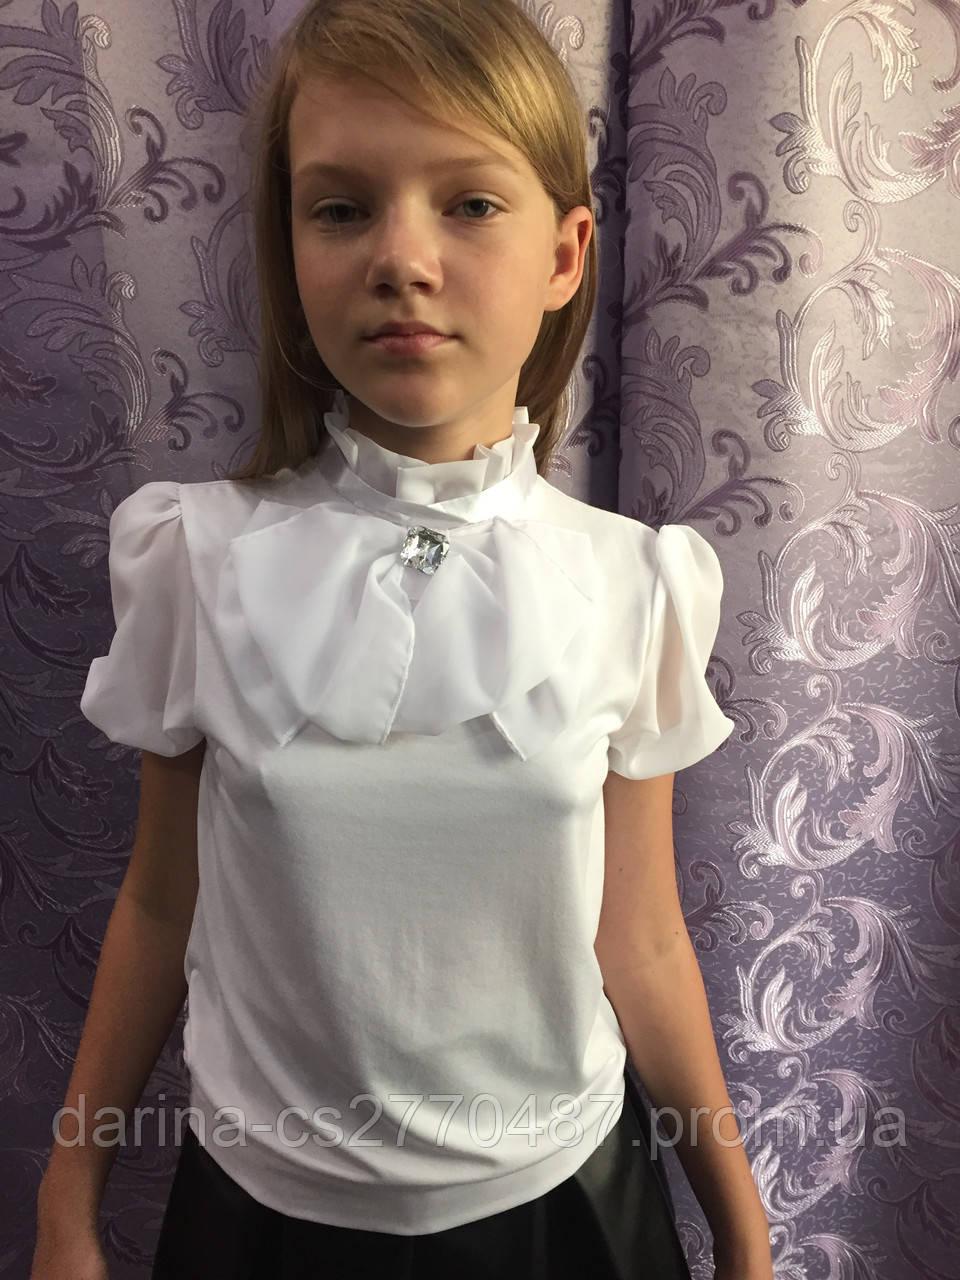 f345374351b Нарядная белая блузка для девочки  продажа